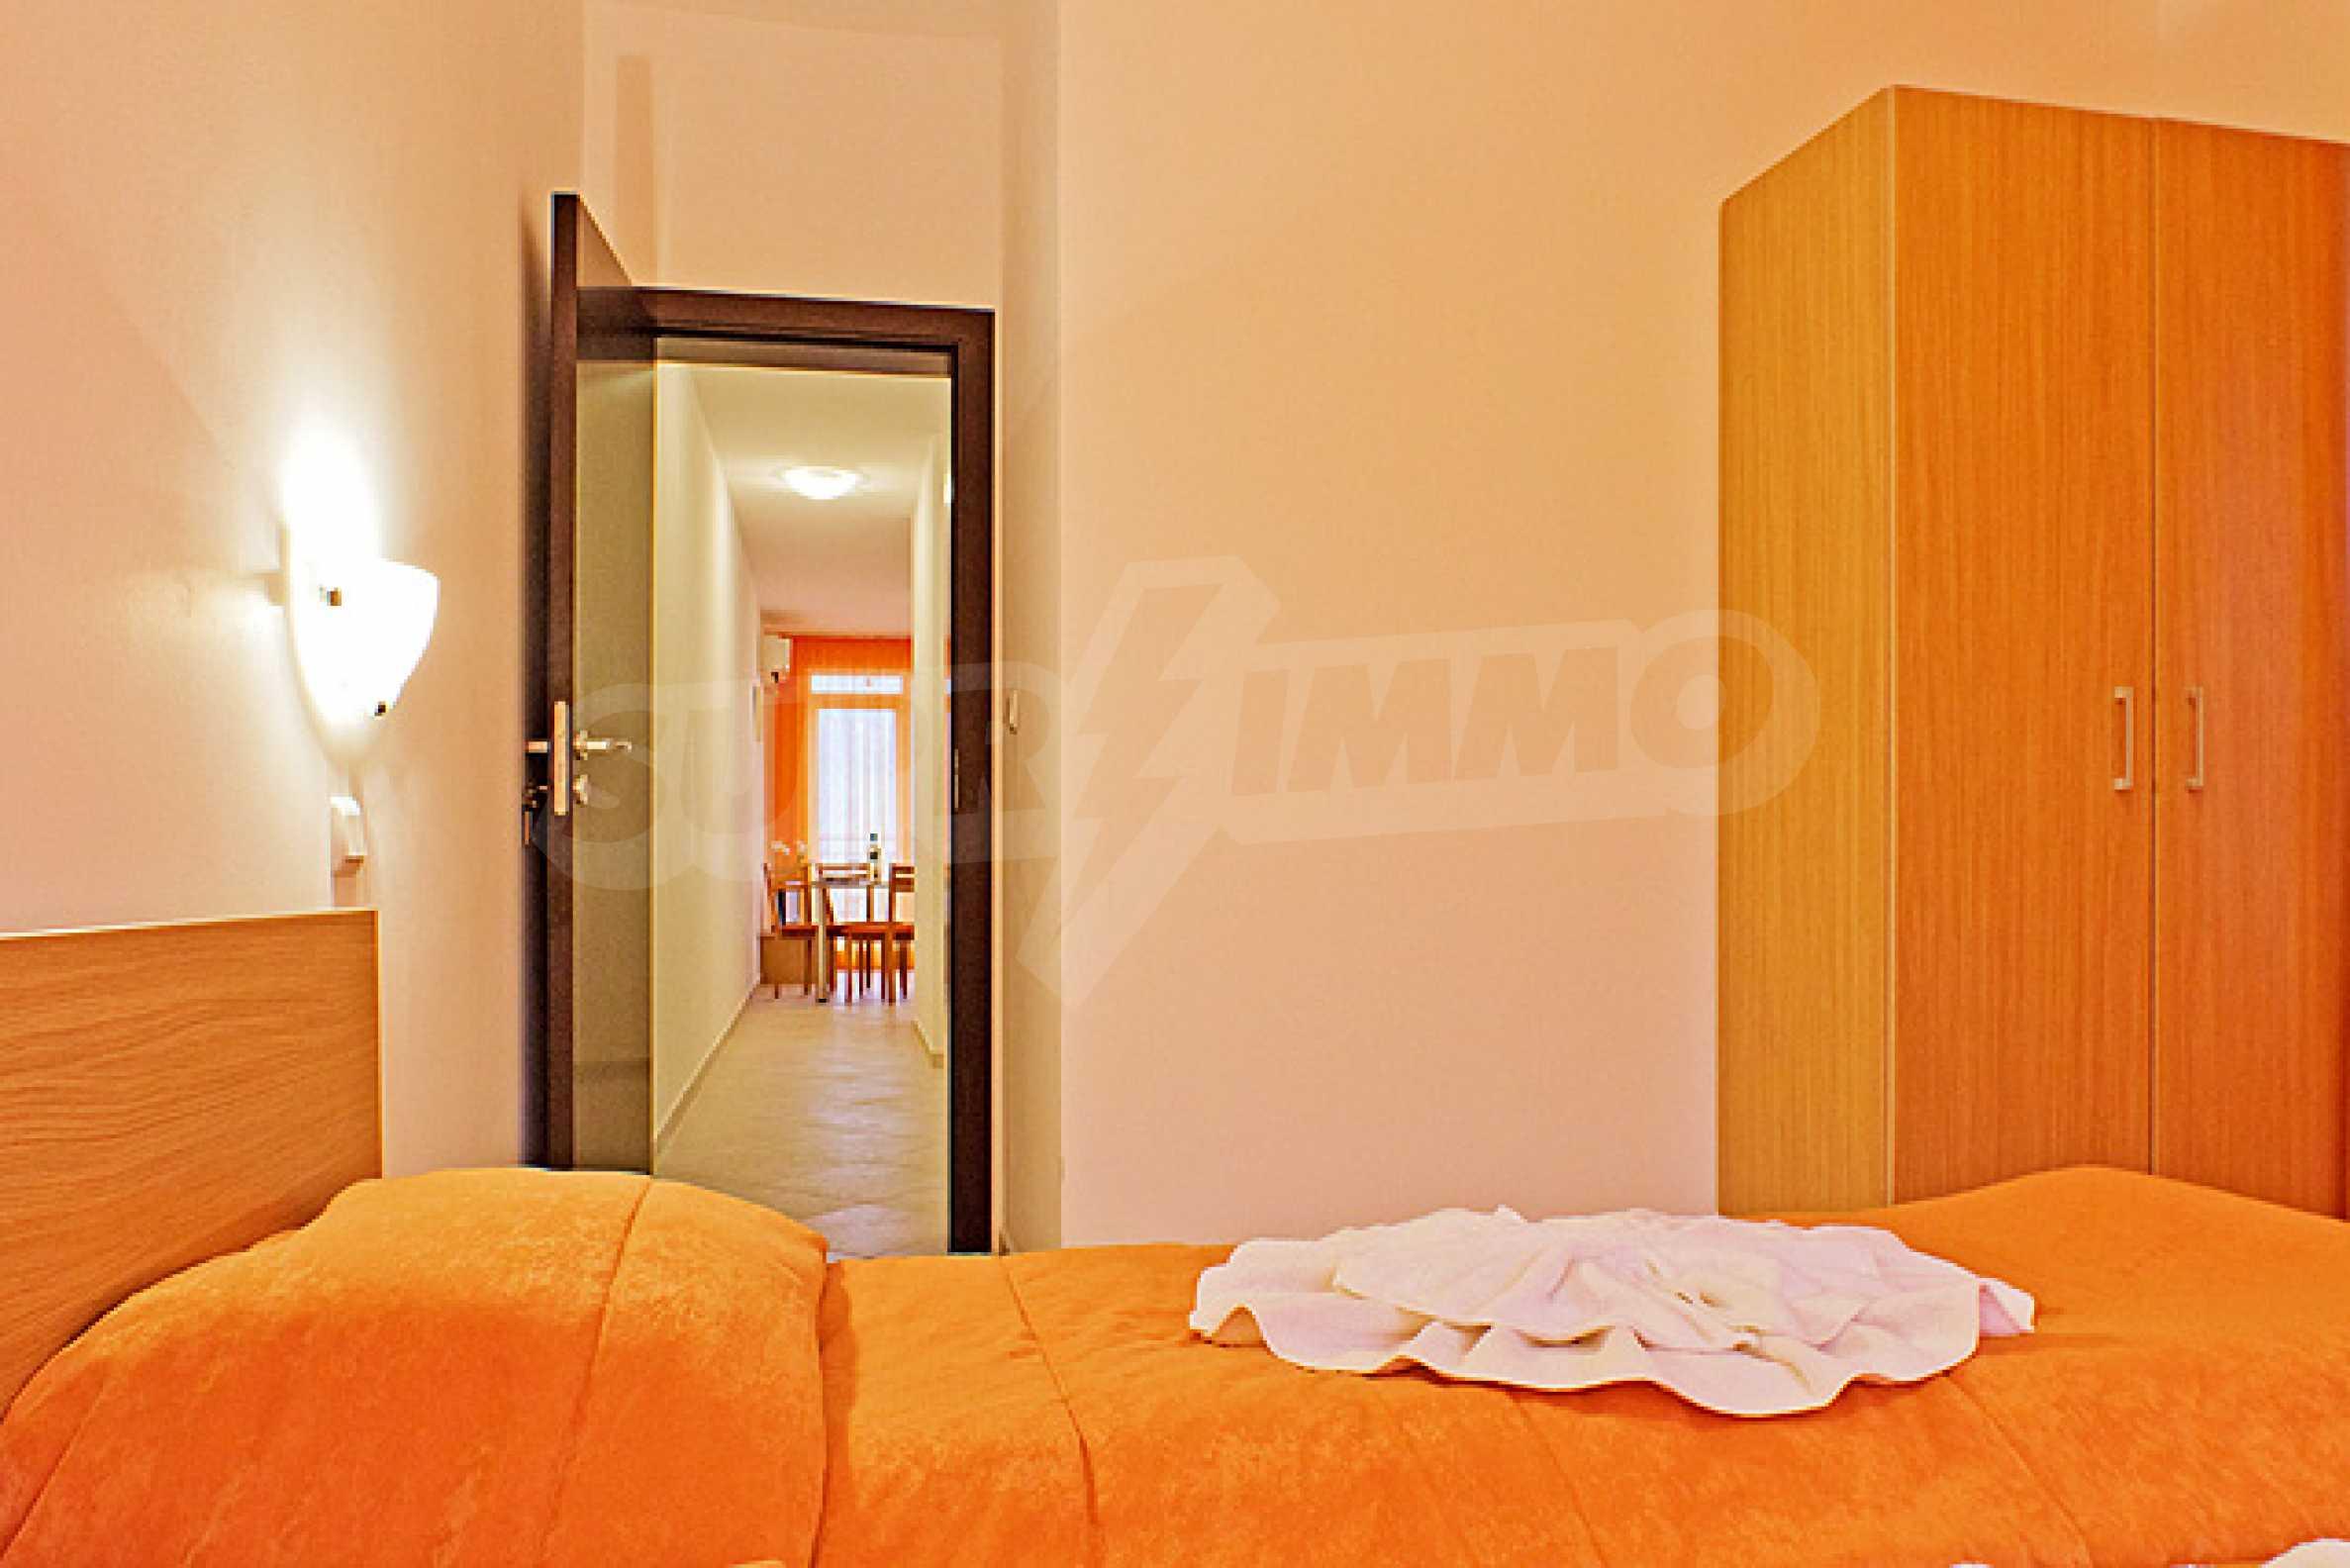 Sunset Kosharitsa - Apartments in einem attraktiven Berg- und Seekomplex, 5 Autominuten vom Sonnenstrand entfernt 26